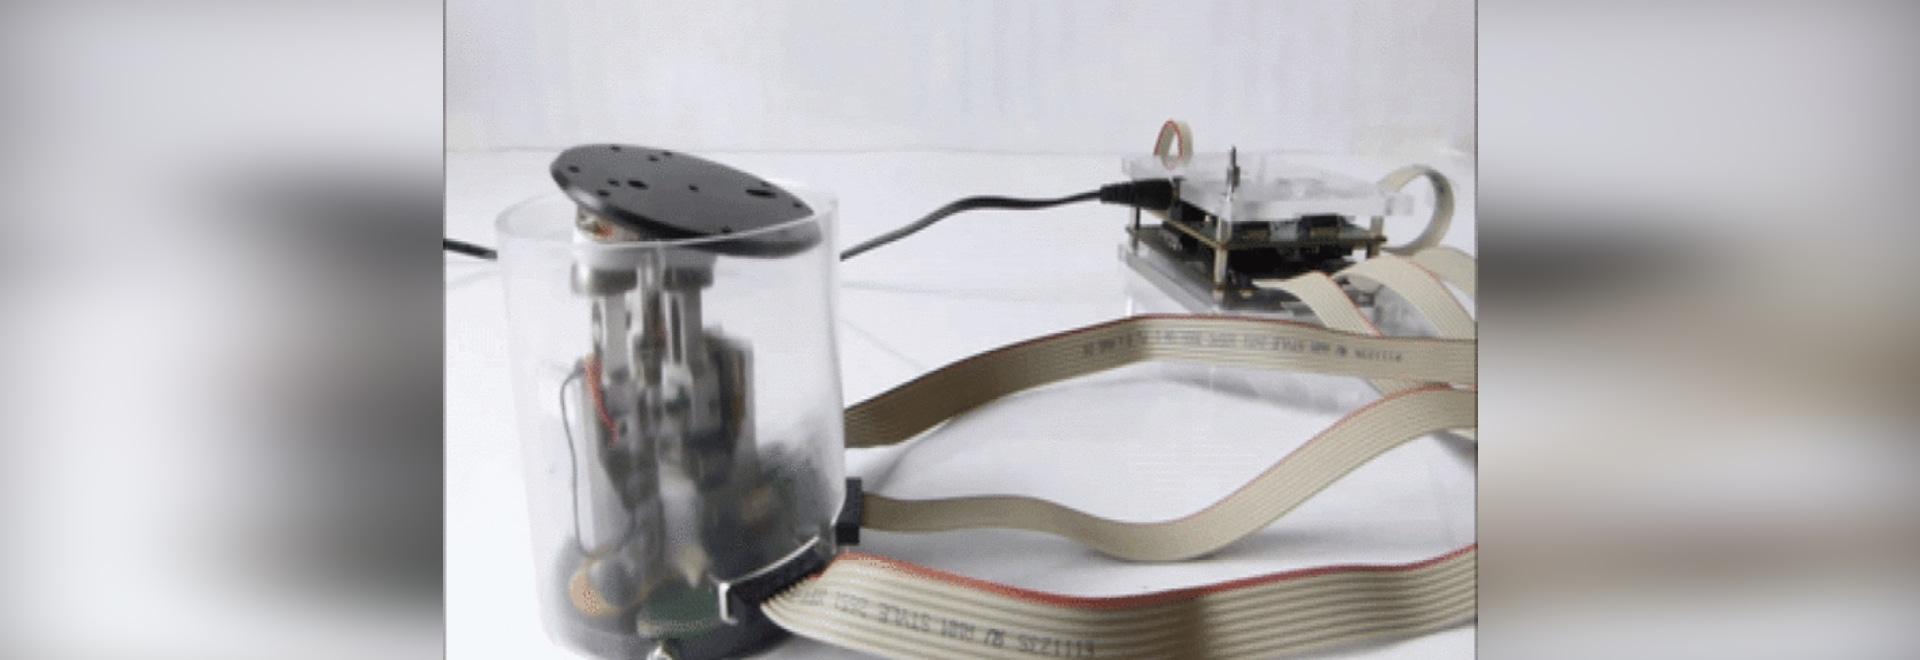 TrAC: Ein piezo Auslöser für Weltraum und Mikroroboter